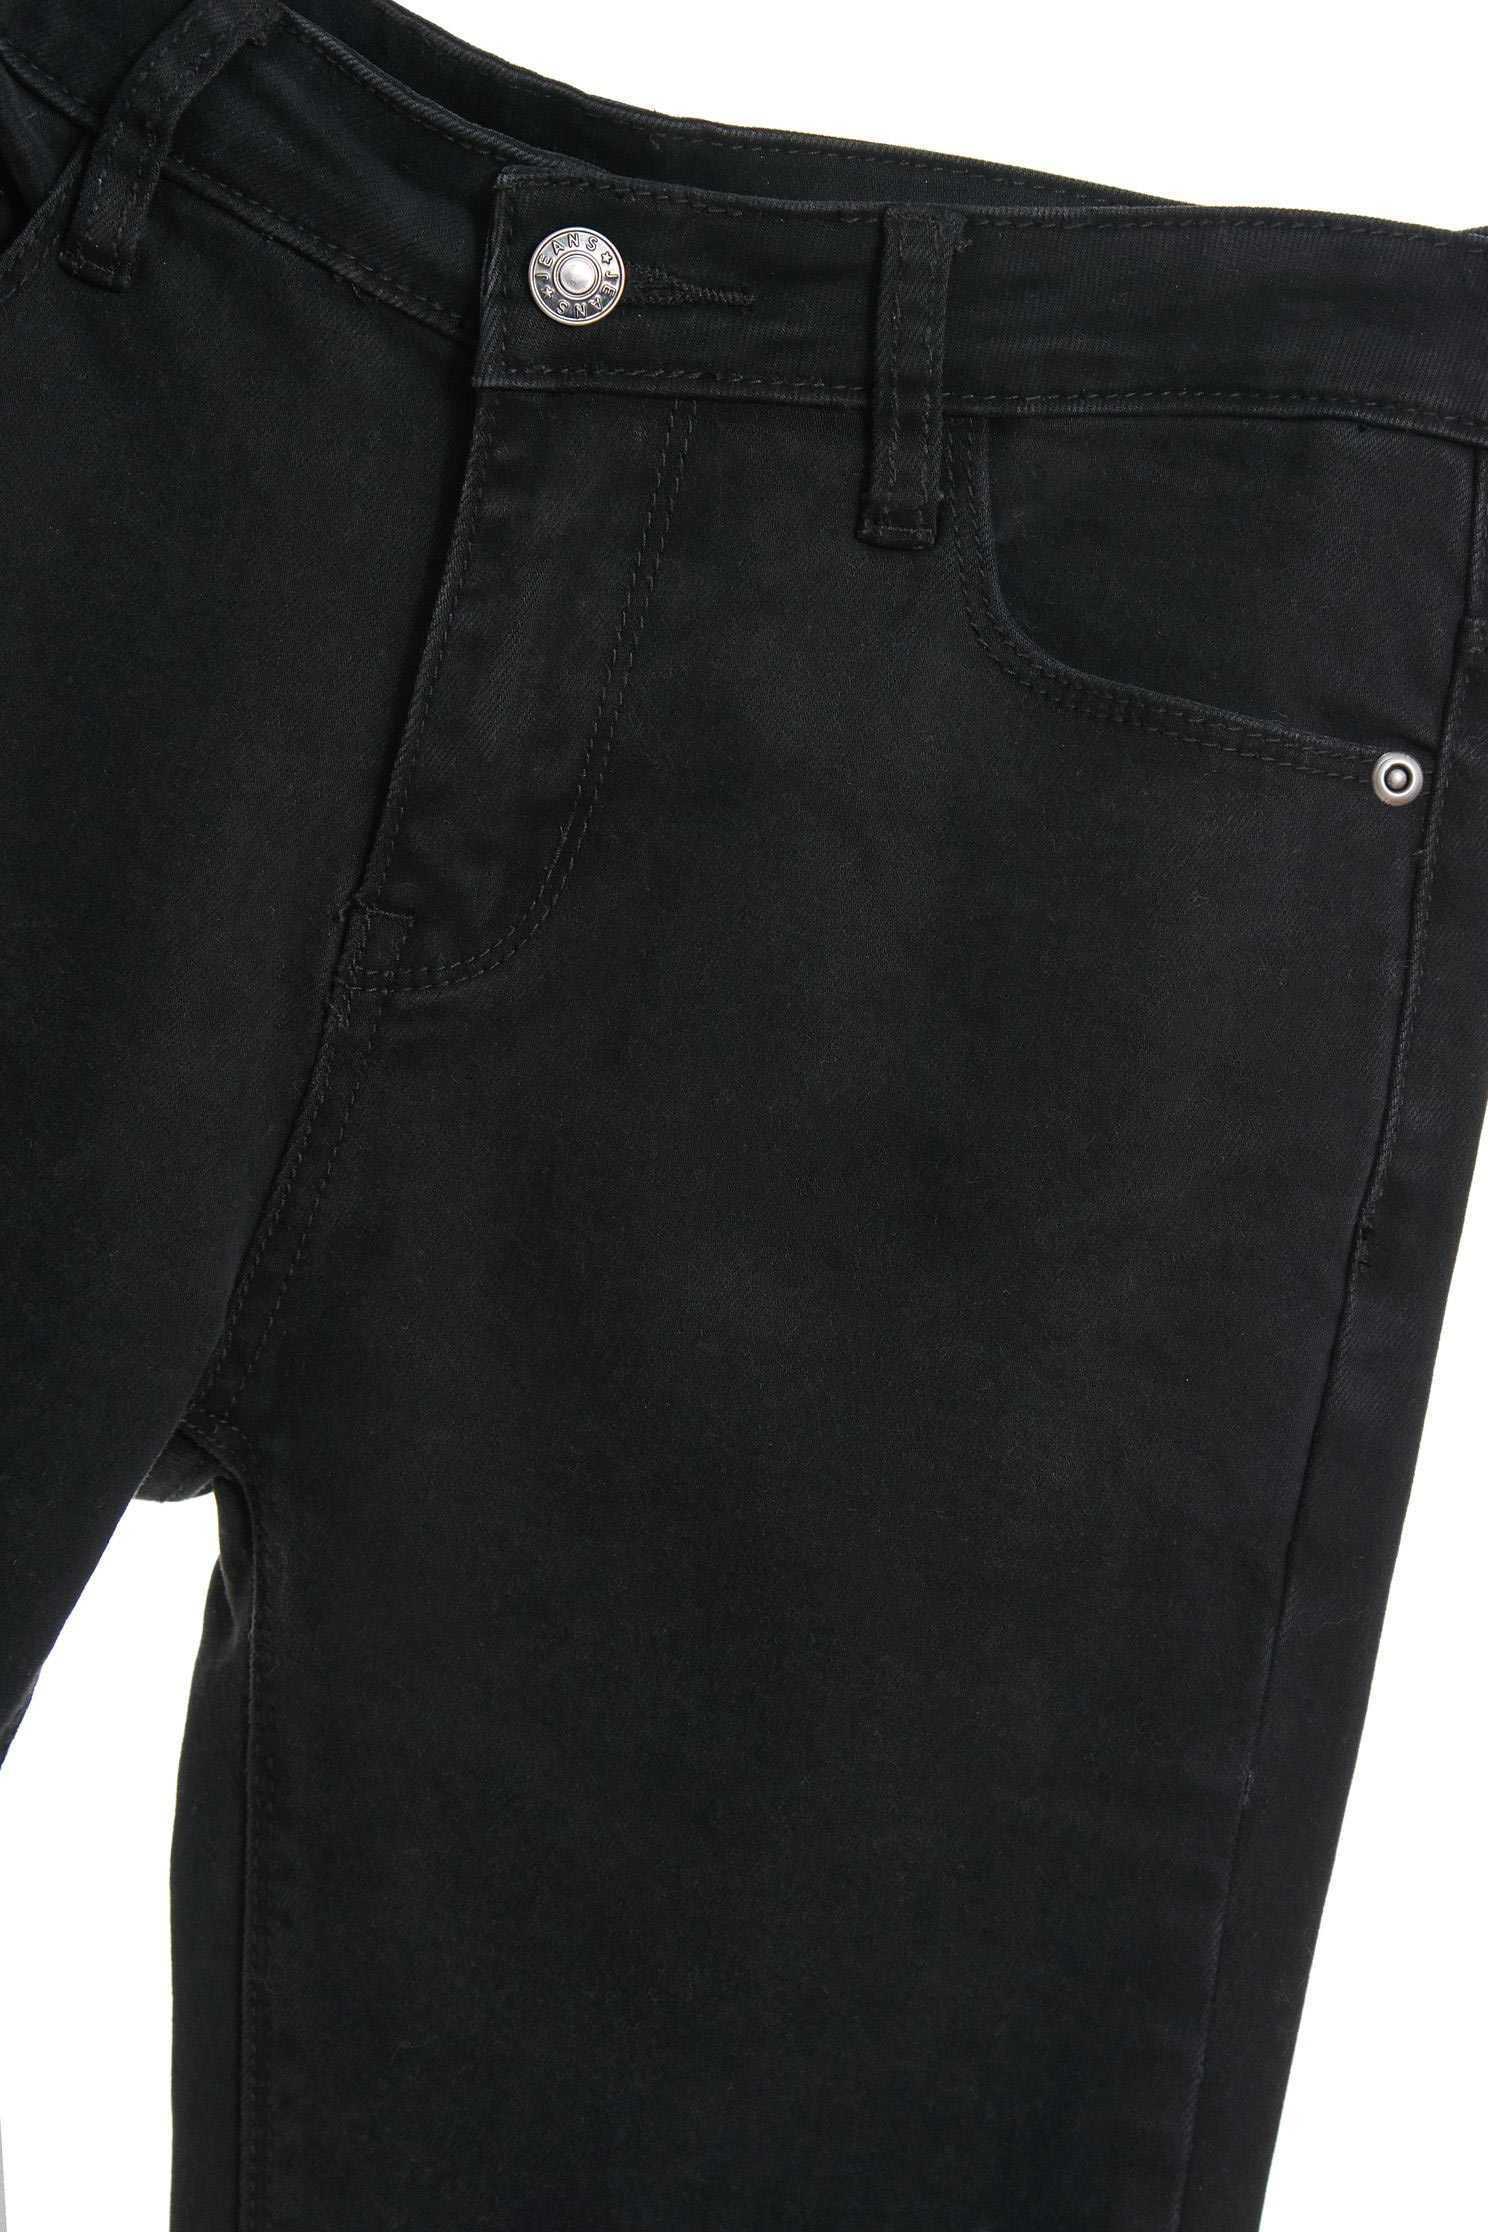 Mid-waist jeans,Tanning,cowboy,Jeans,Women's denim trousers,Fantasy purple,長褲,Thin pants,Black jeans,Black trousers